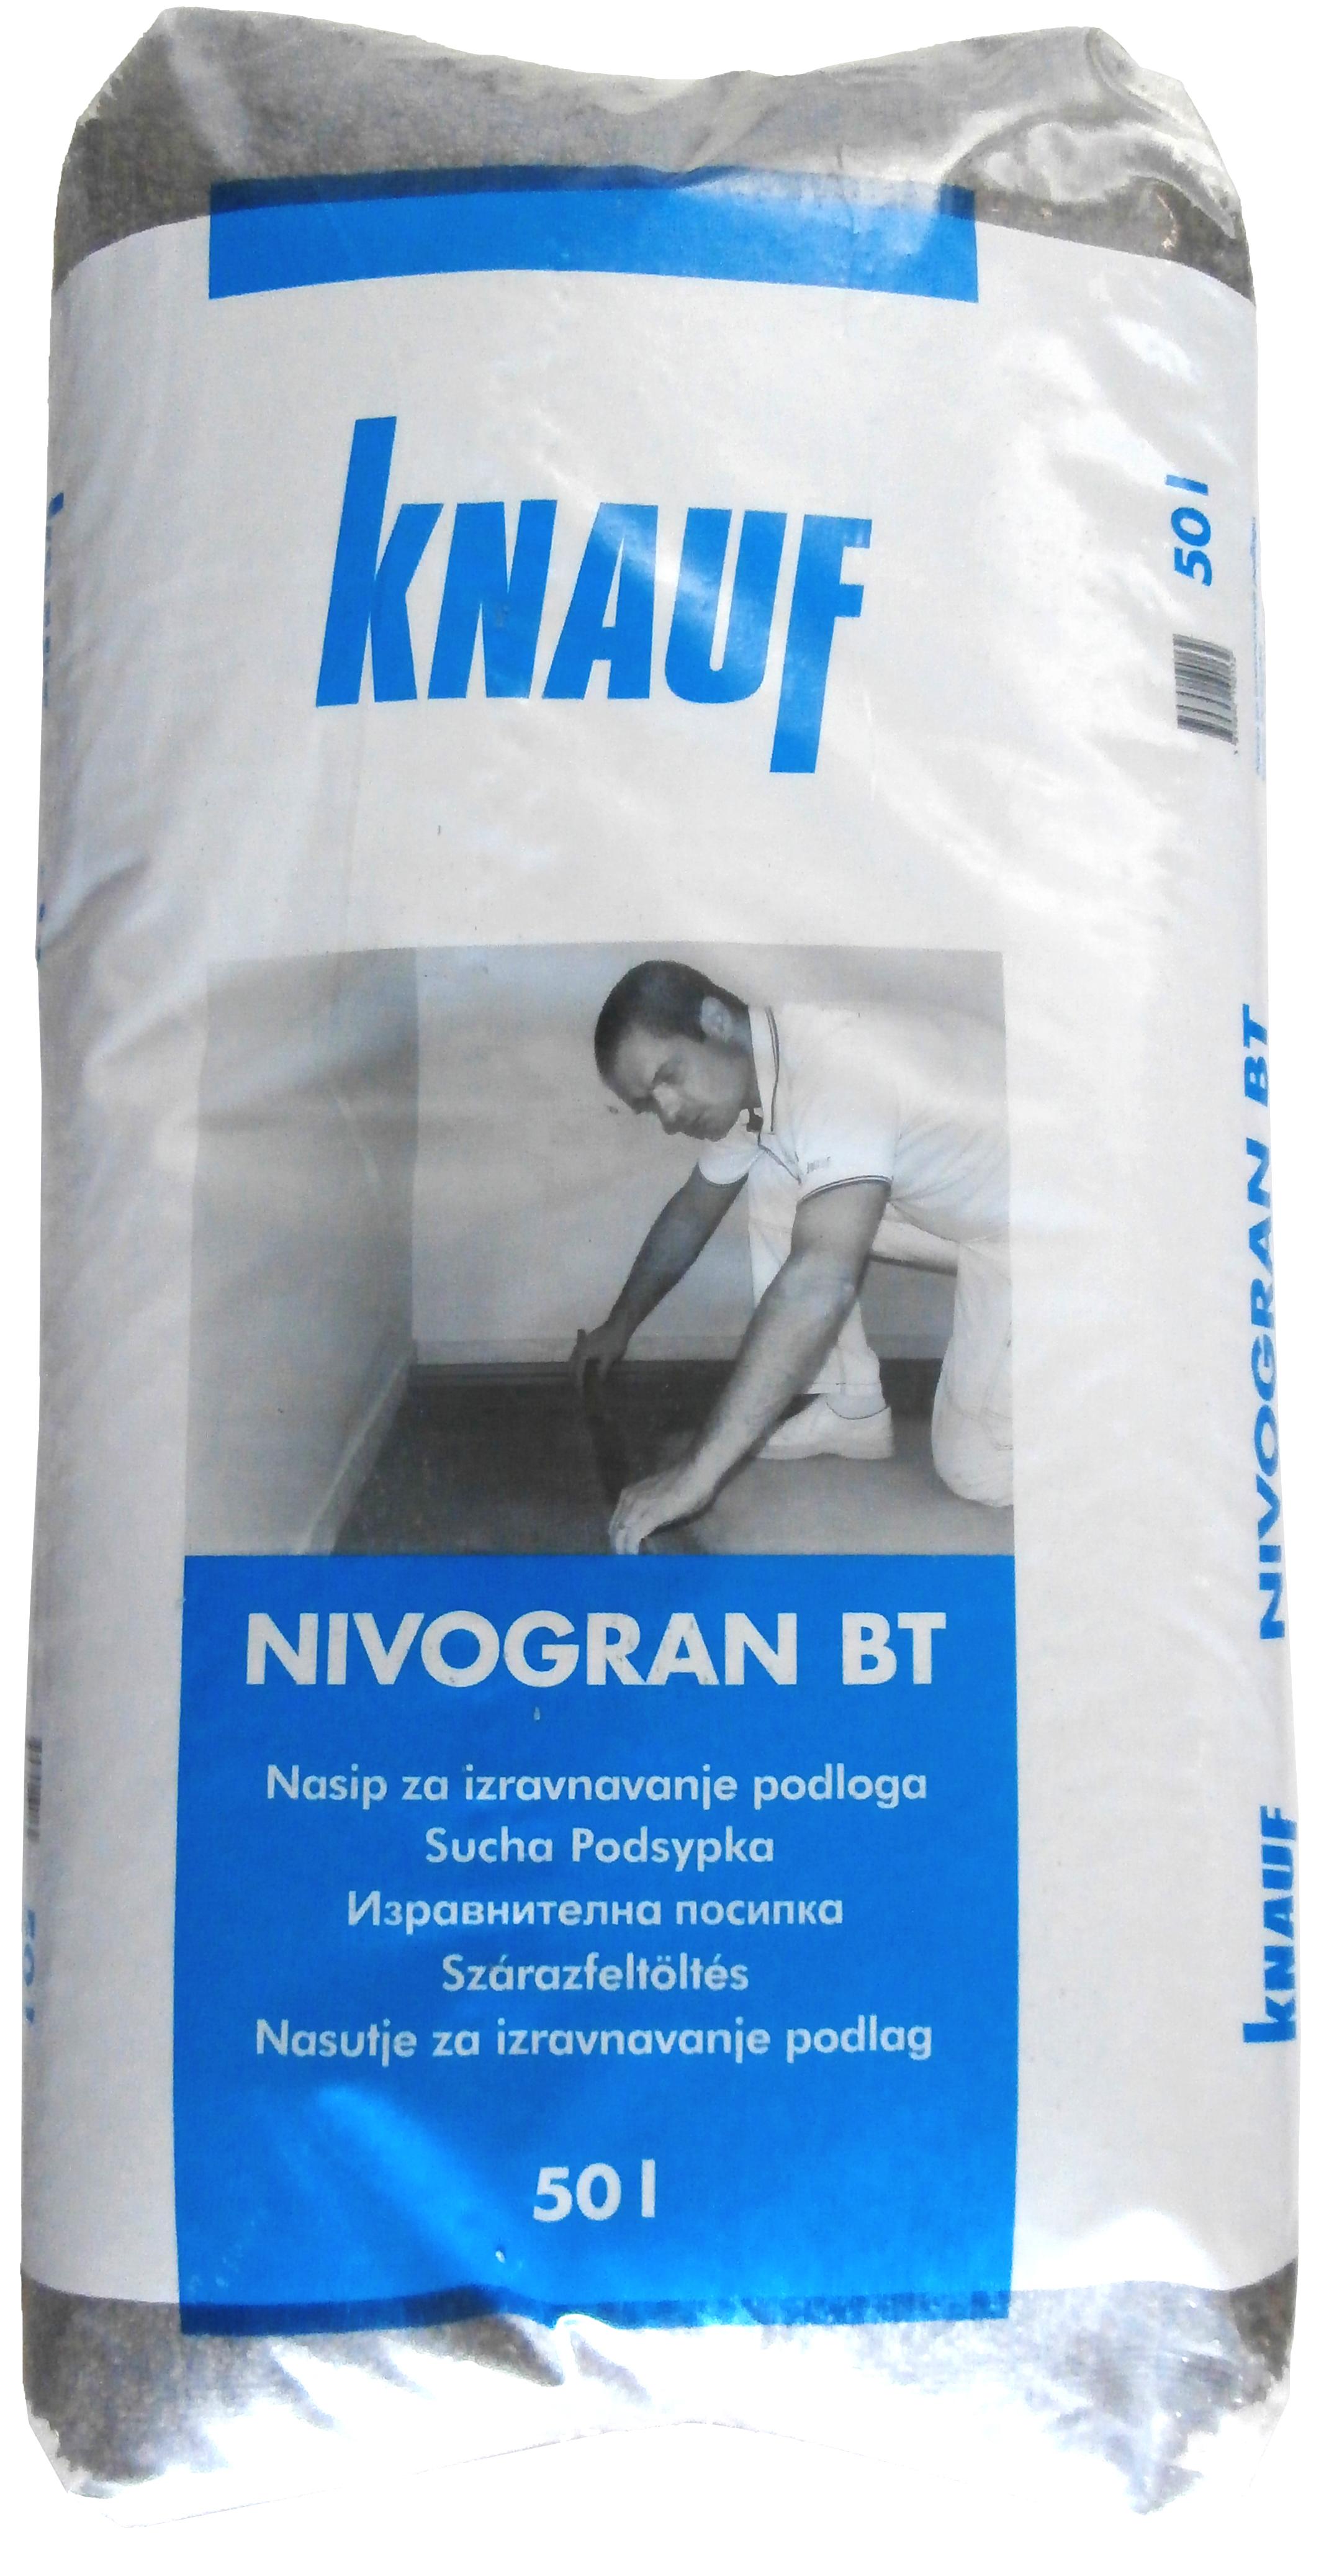 Nasip za izravnavanje podloga, NIVOGRAN, 1-4 mm, 50 l, KNAUF